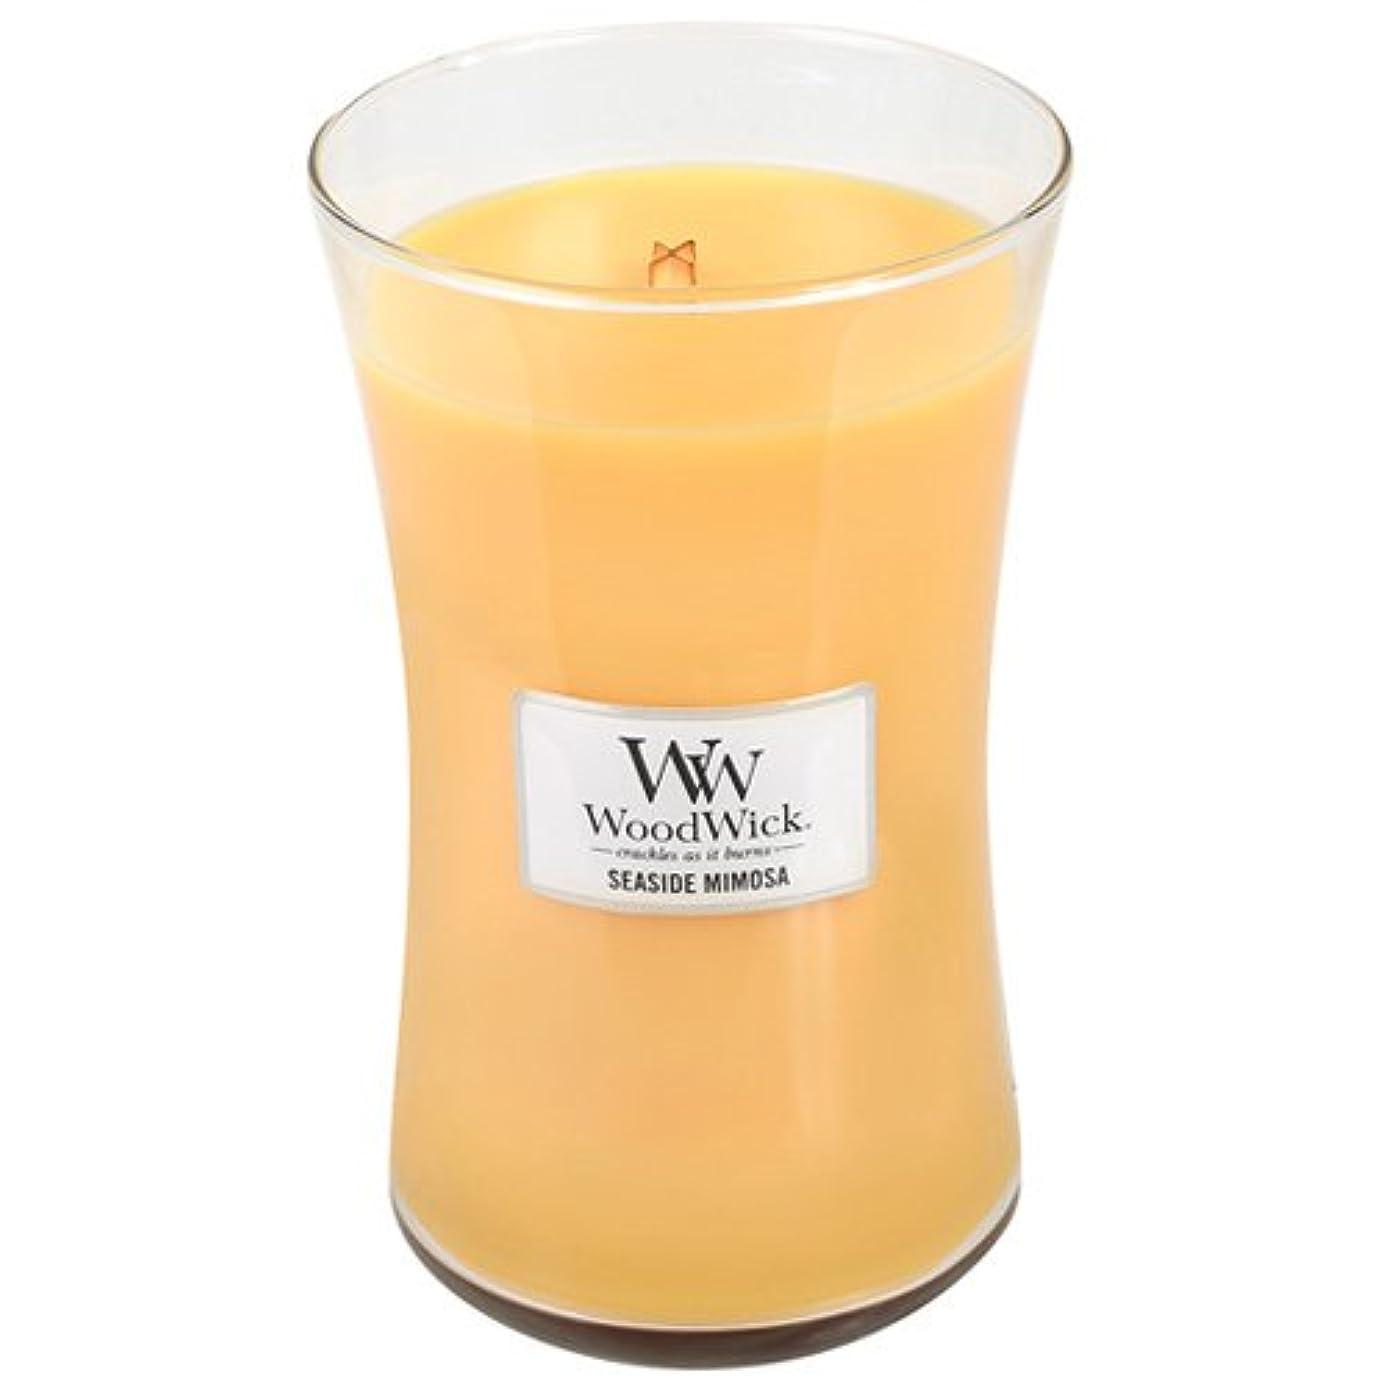 おじいちゃん勉強するベリSeasideミモザWoodWick 22oz香りつきJar Candle Burns 180時間